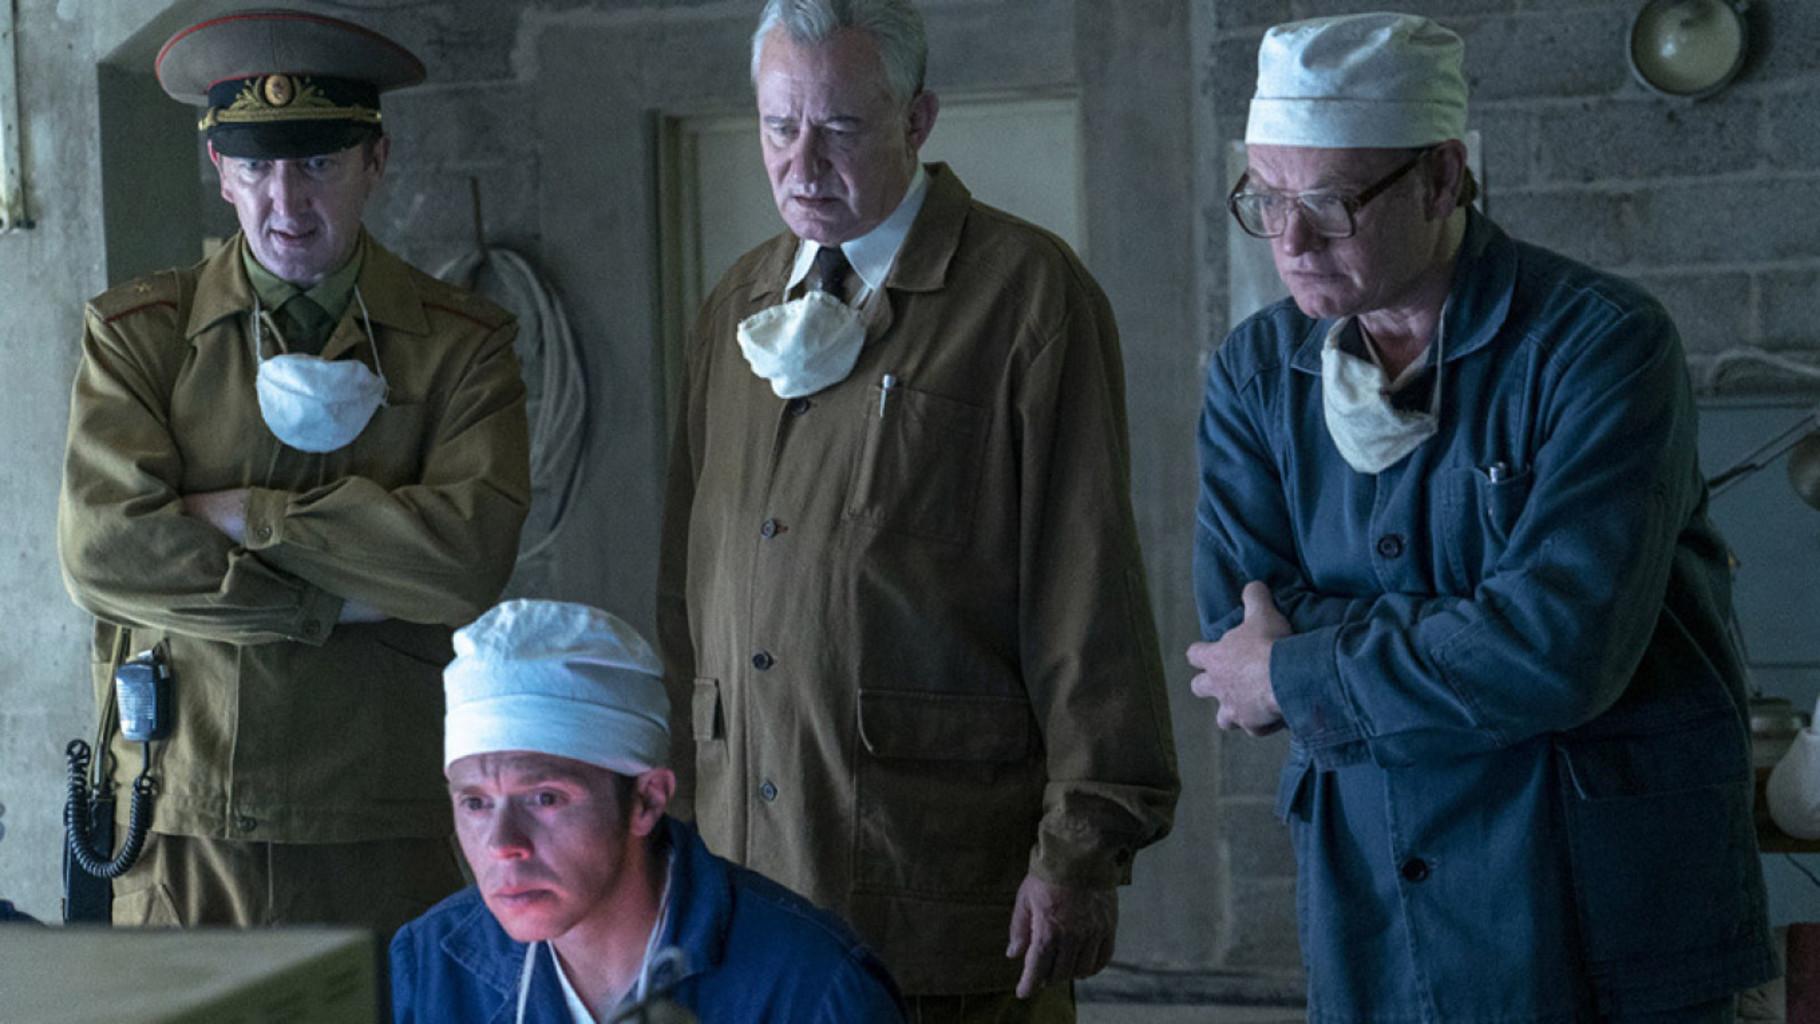 Kinopoiskru chernobyl 3372016 2